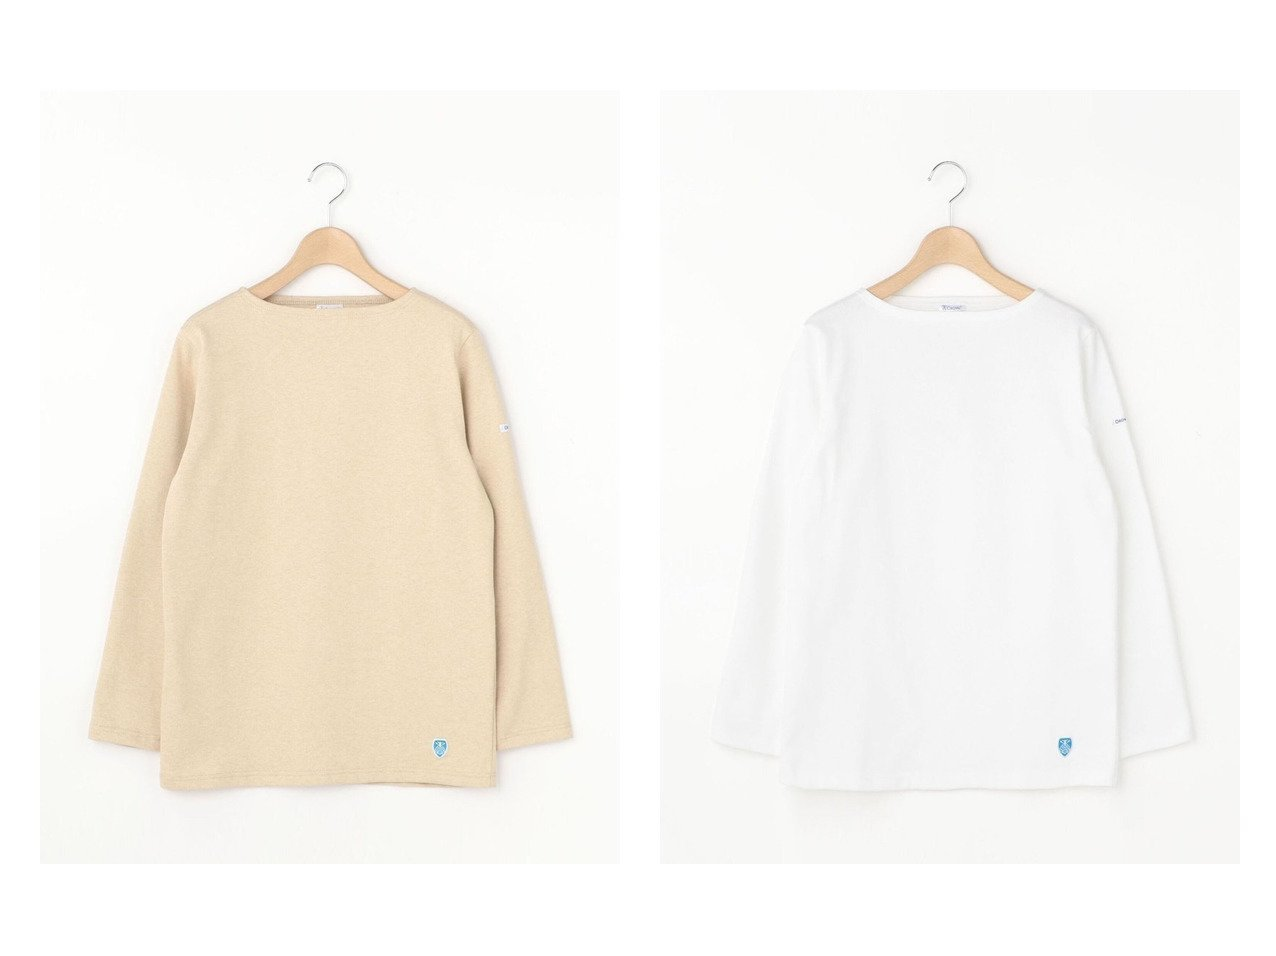 【Bshop/ビショップ】の【ORCIVAL】コットンロードフレンチバスクシャツ SOLID WOMEN 【トップス・カットソー】おすすめ!人気、トレンド・レディースファッションの通販 | レディースファッション・服の通販 founy(ファニー)